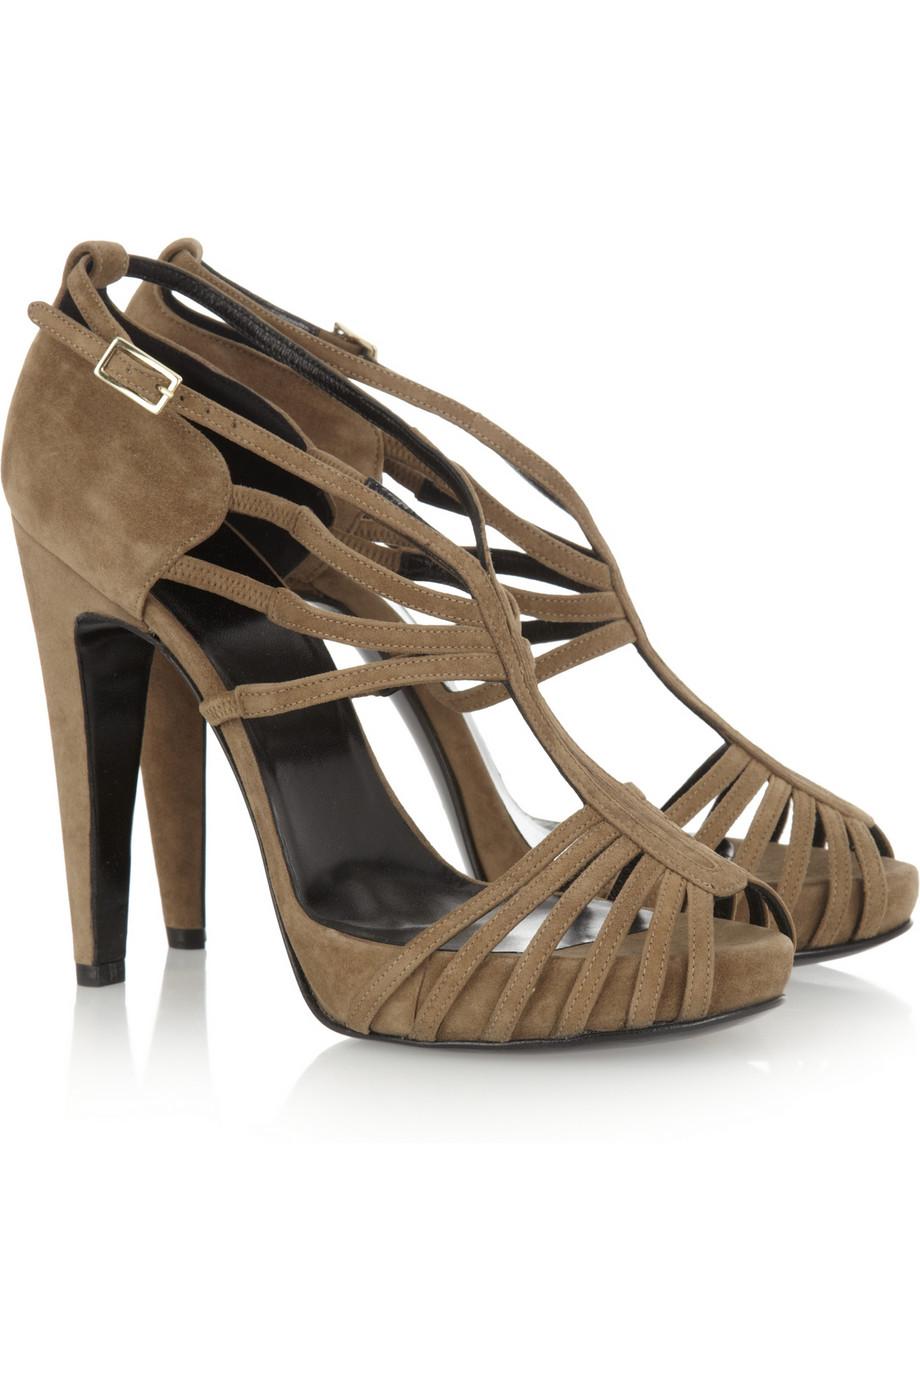 Pierre Hardy Shoe Sizing